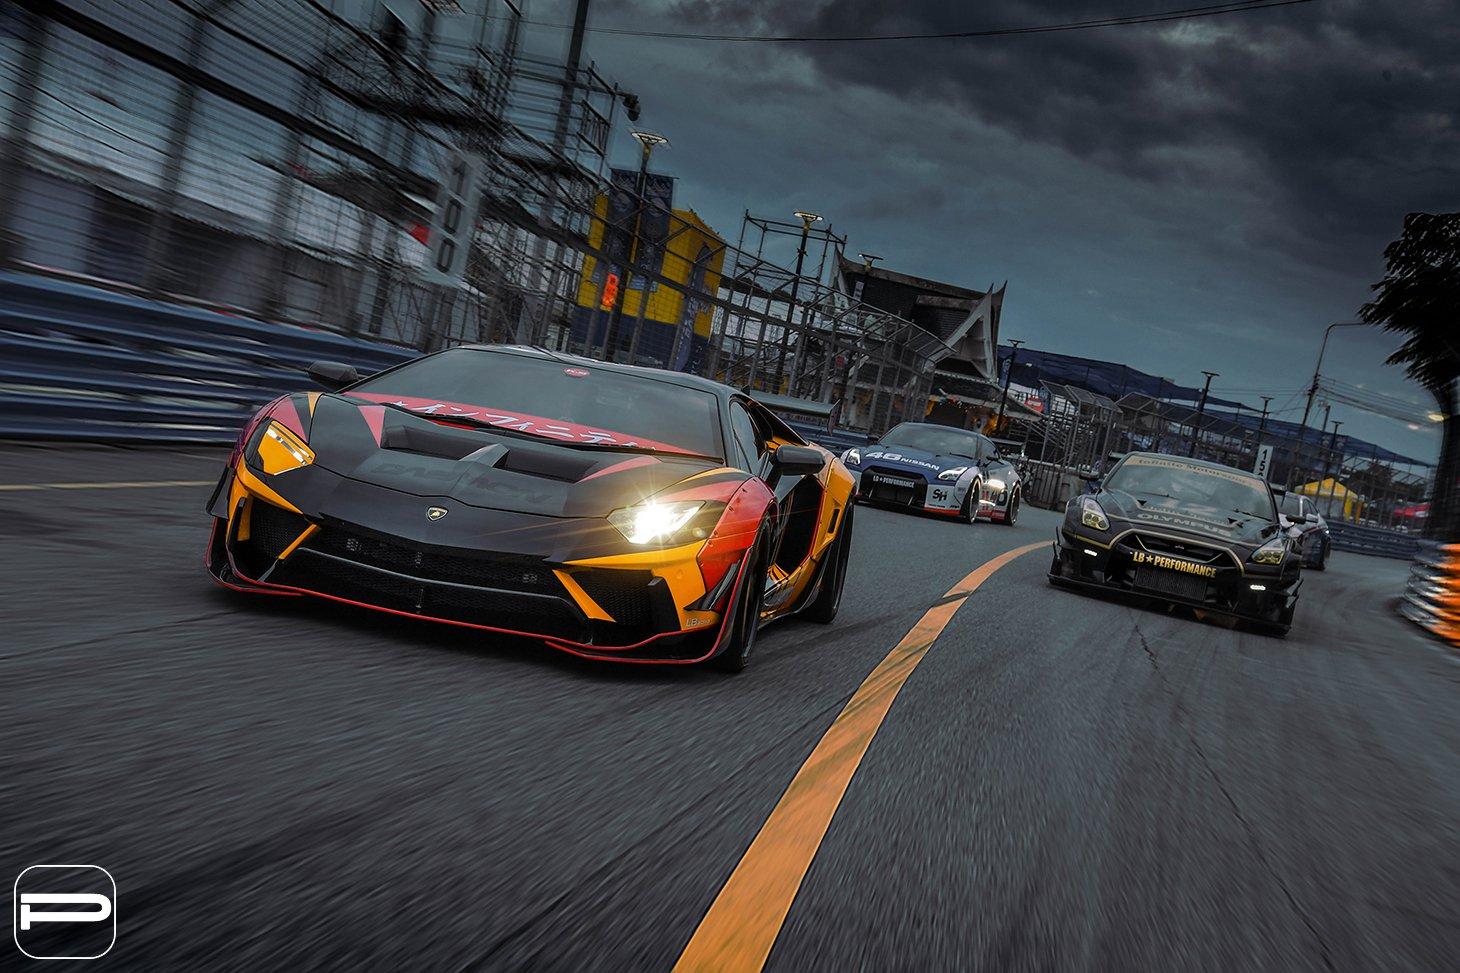 Lamborghini Aventador by Liberty Walk (1)